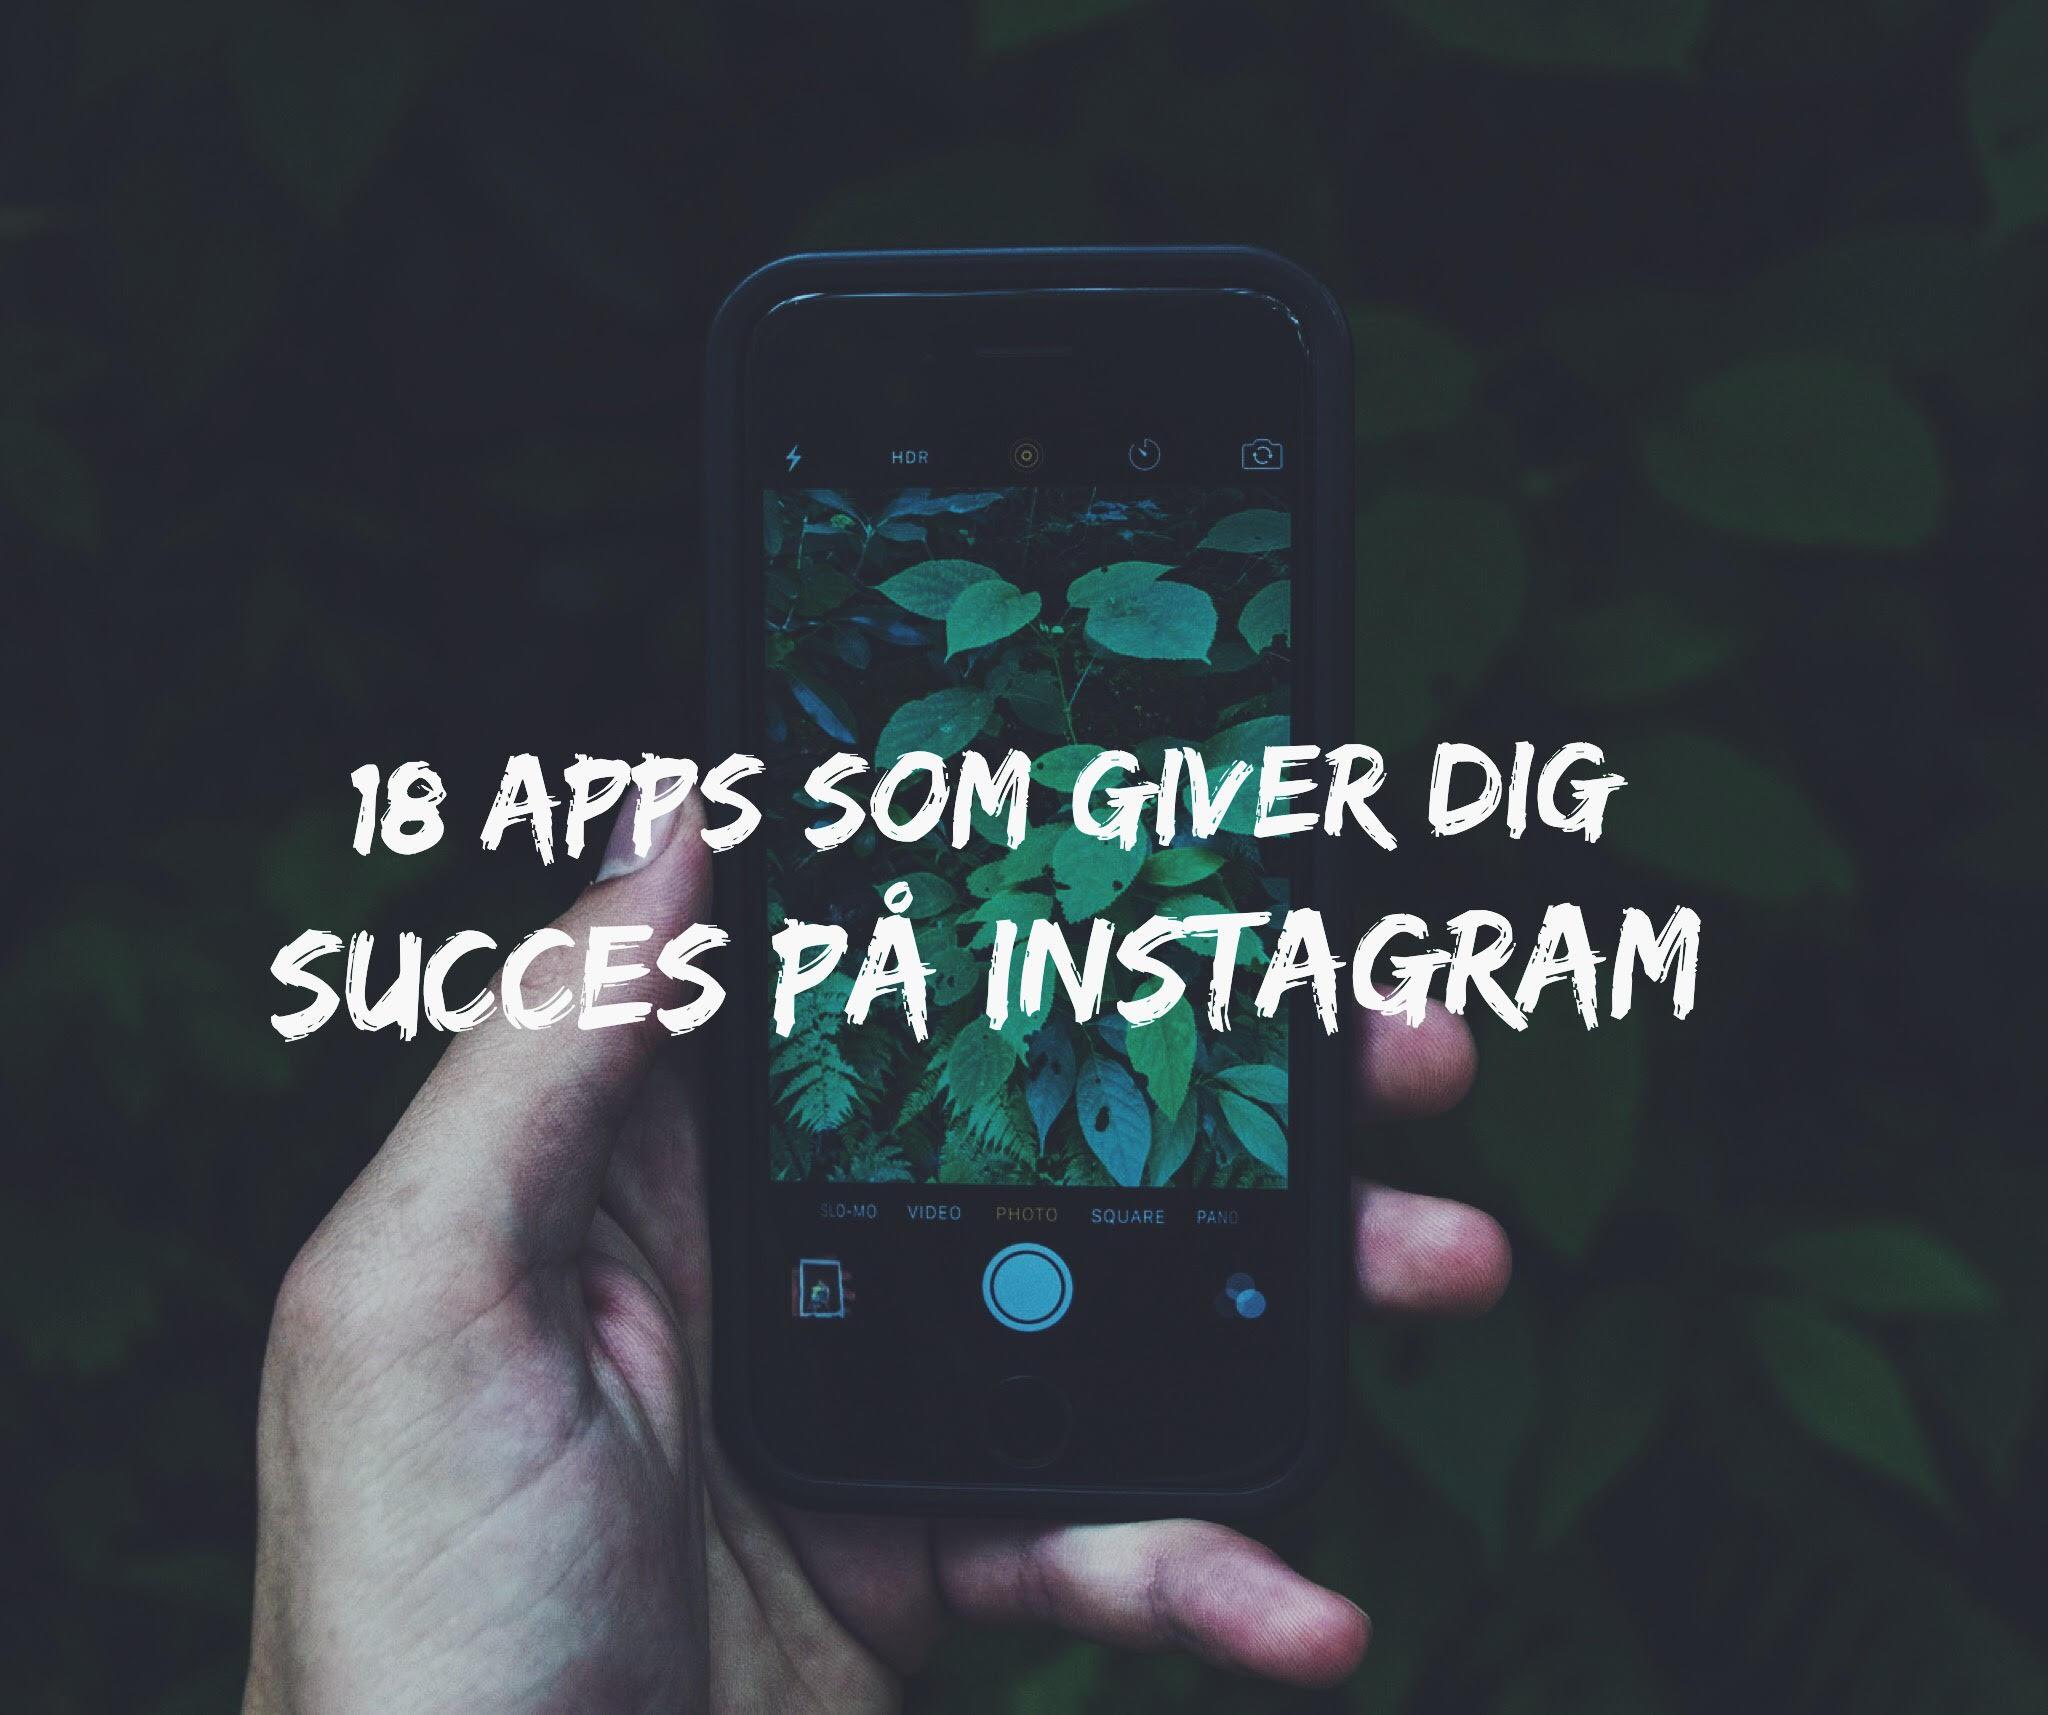 Gode apps til Instagram. Sådan bliver du bedre på Instagram og får flere likes og kommentarer. Flere likes på Instagram